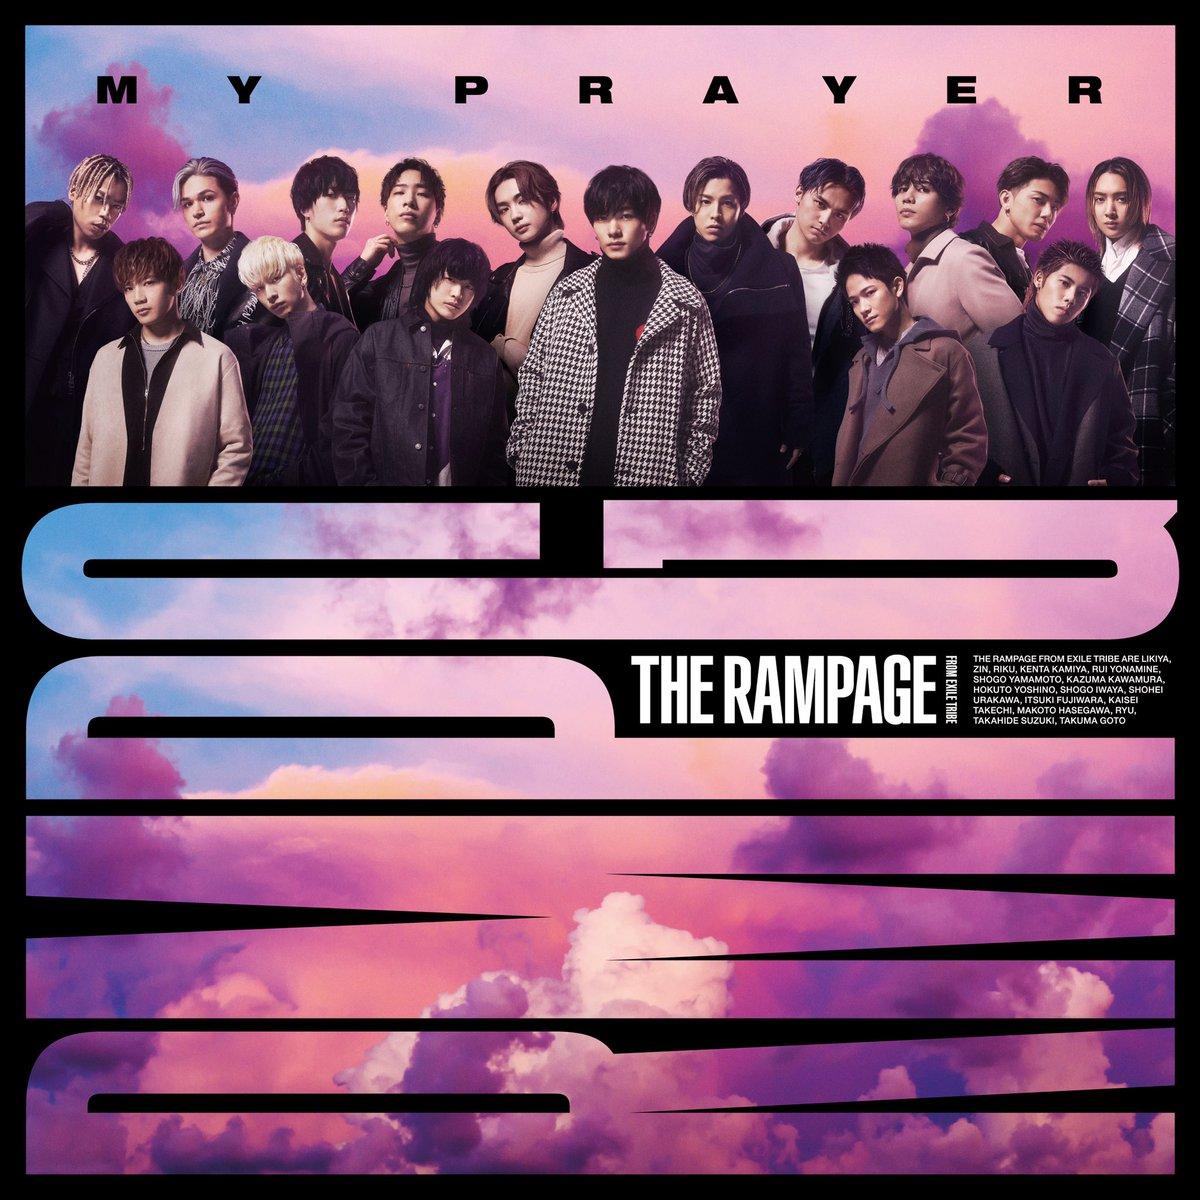 """12/9(水)リリース‼️ THE RAMPAGE from EXILE TRIBE 13th Single 「MY PRAYER」 MUSIC VIDEO公開✨  テーマは""""タイムリミット""""⏳ THE RAMPAGE初の踊らないミュージックビデオが完成しました✨    是非ご覧ください😃  #THERAMPAGE #MYPRAYER"""